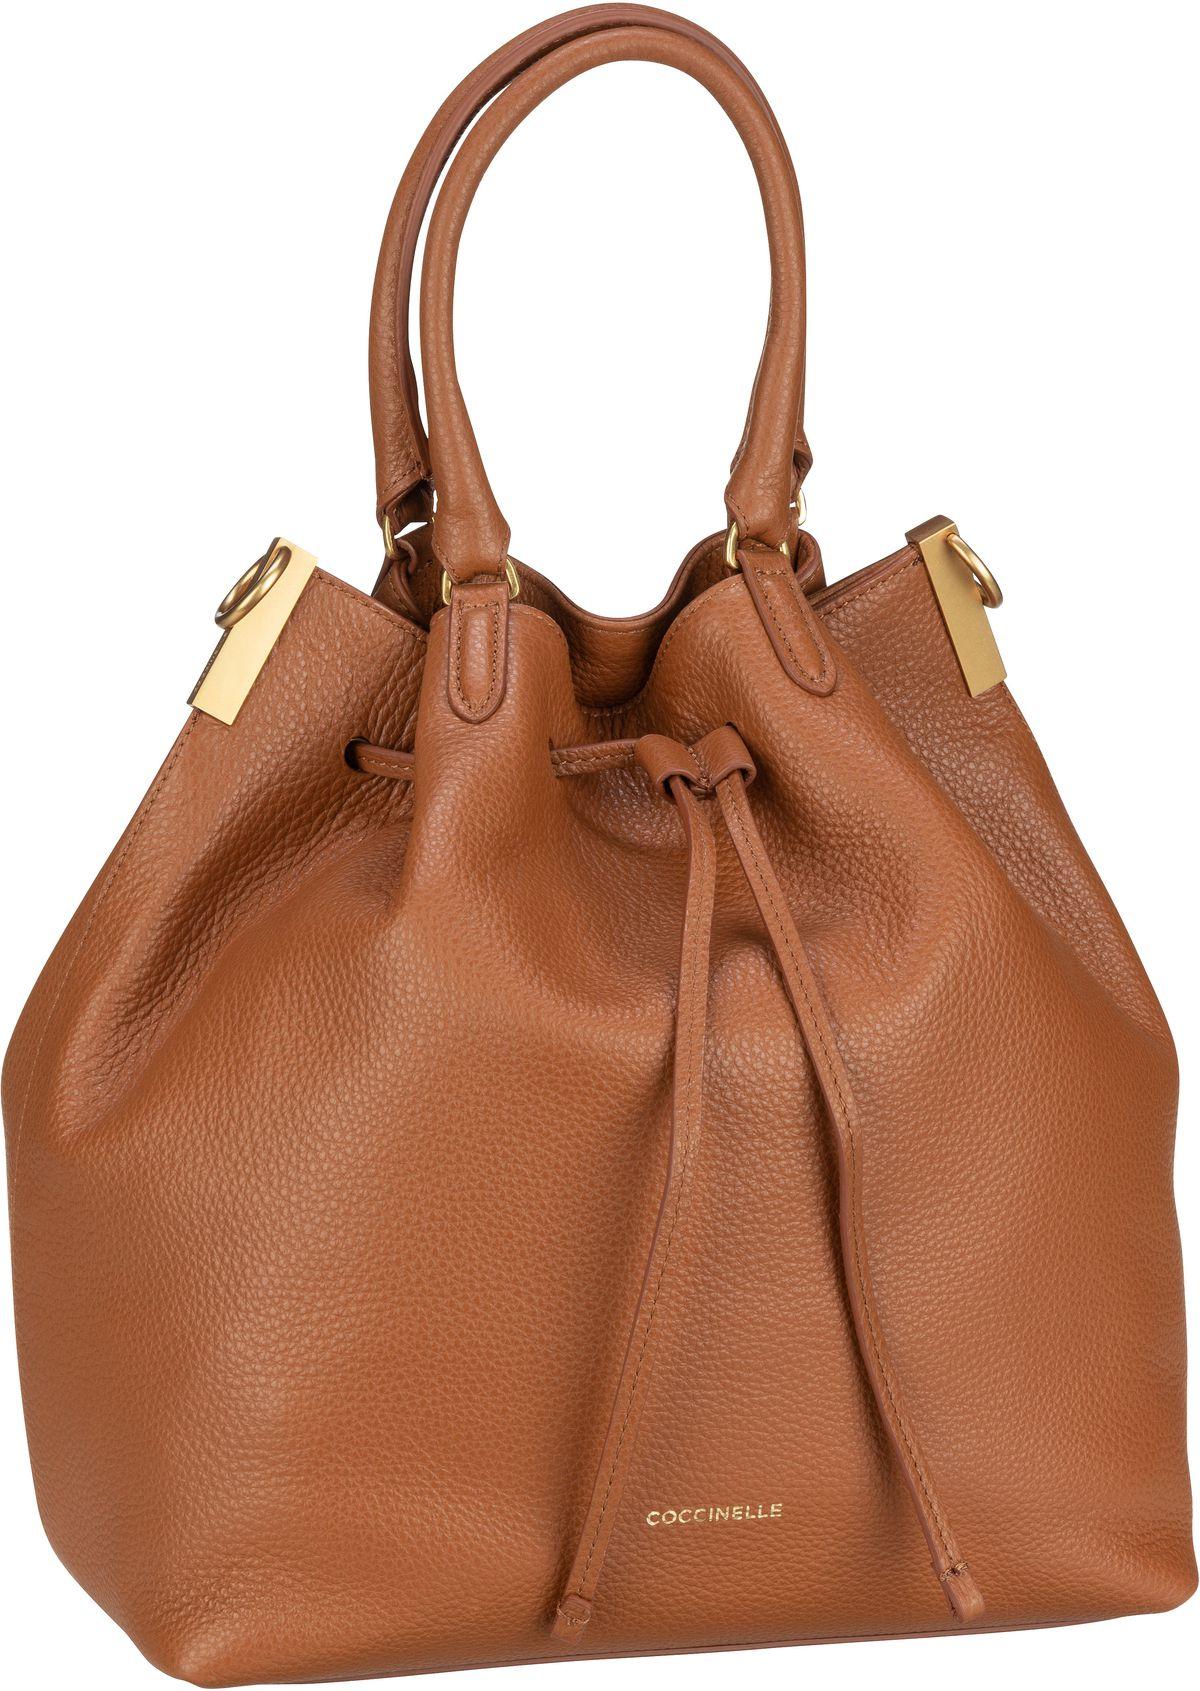 Handtasche Gabrielle 1803 Caramel